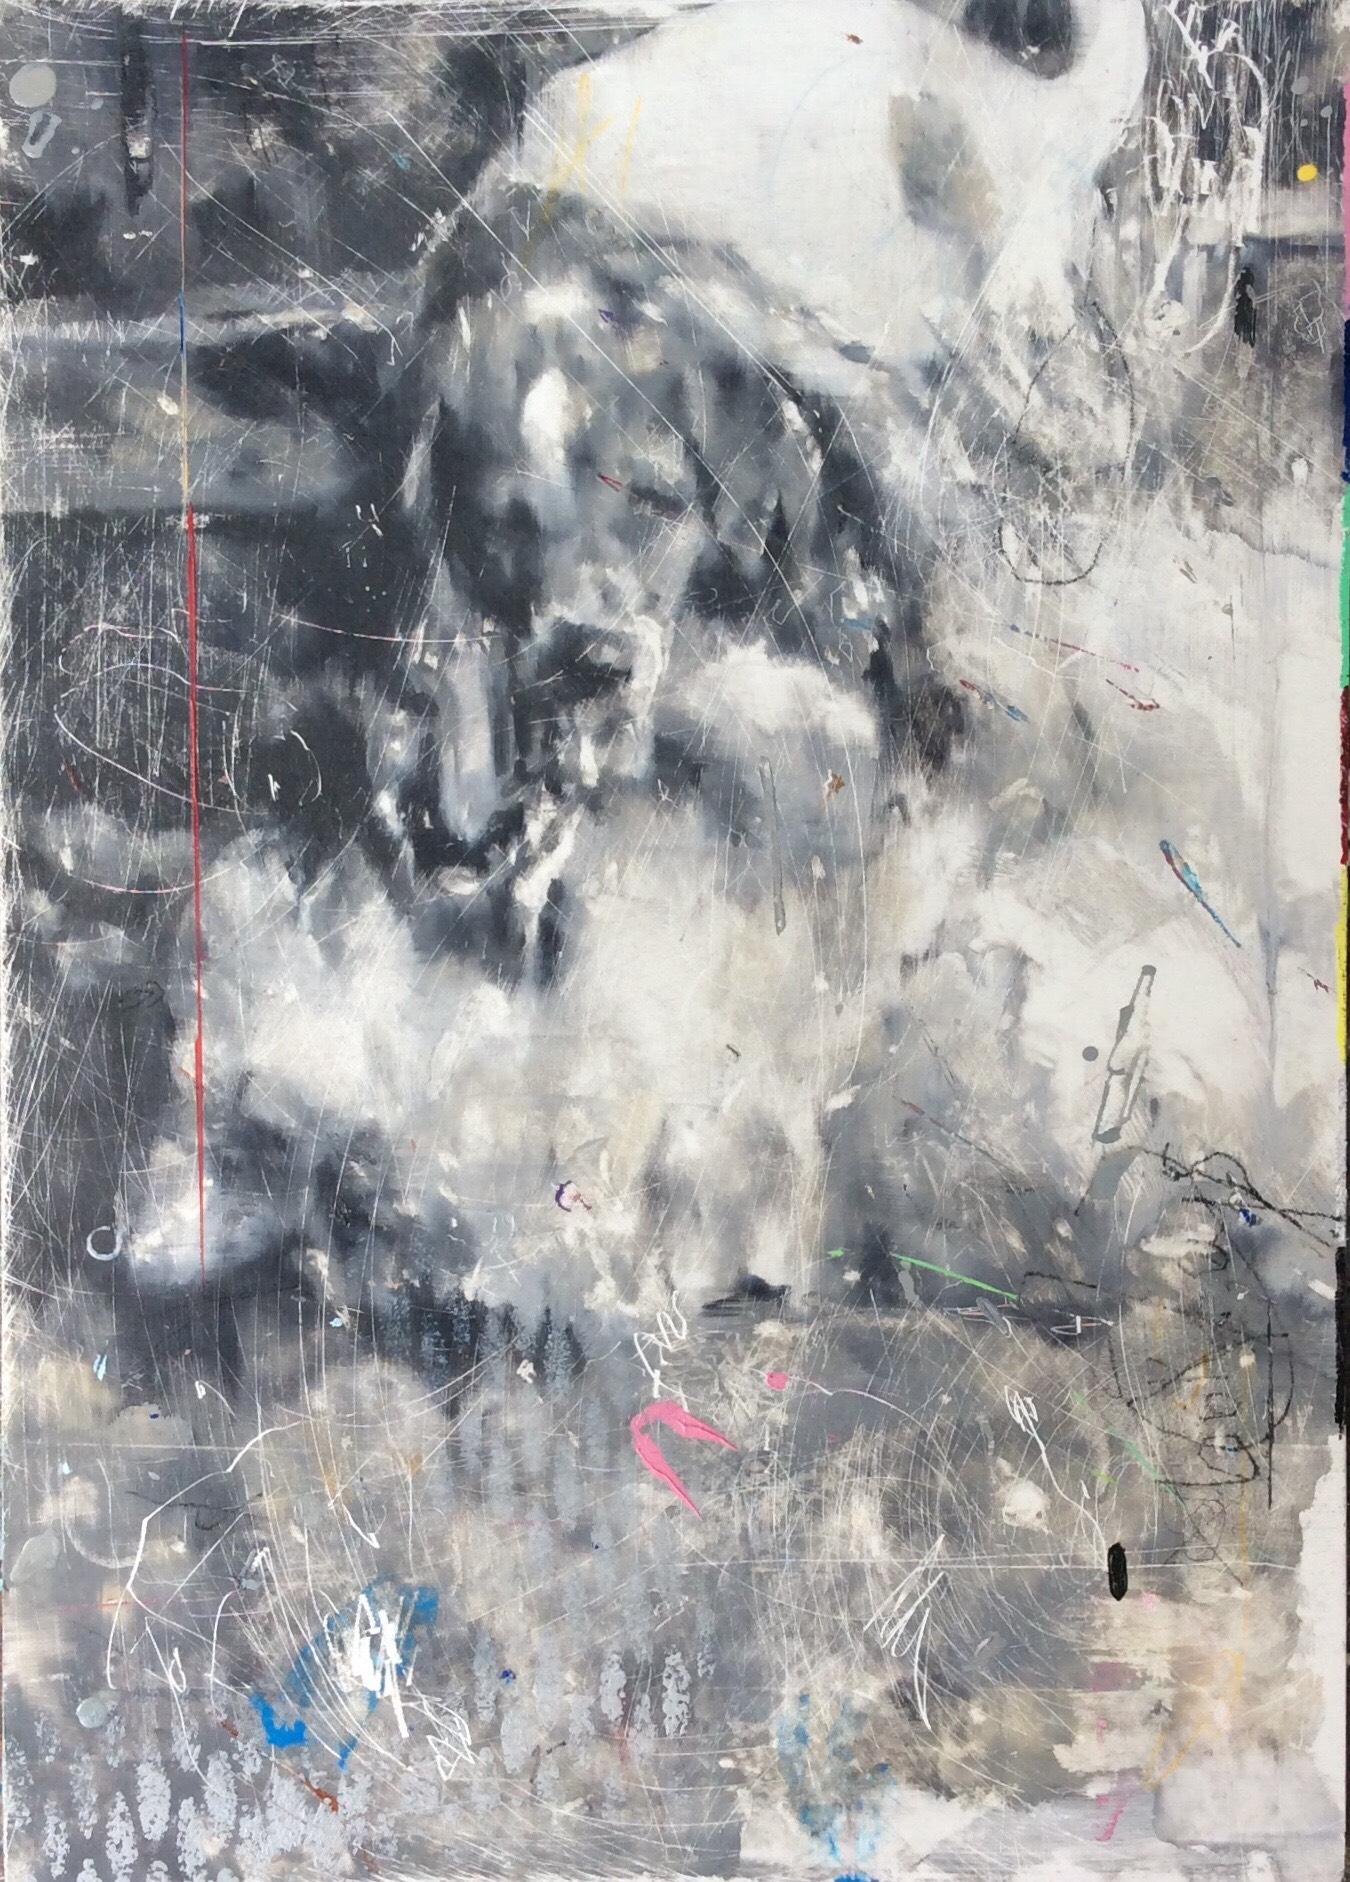 Dog Eat Dog. Angela Bell. Jackson's Painting Prize.